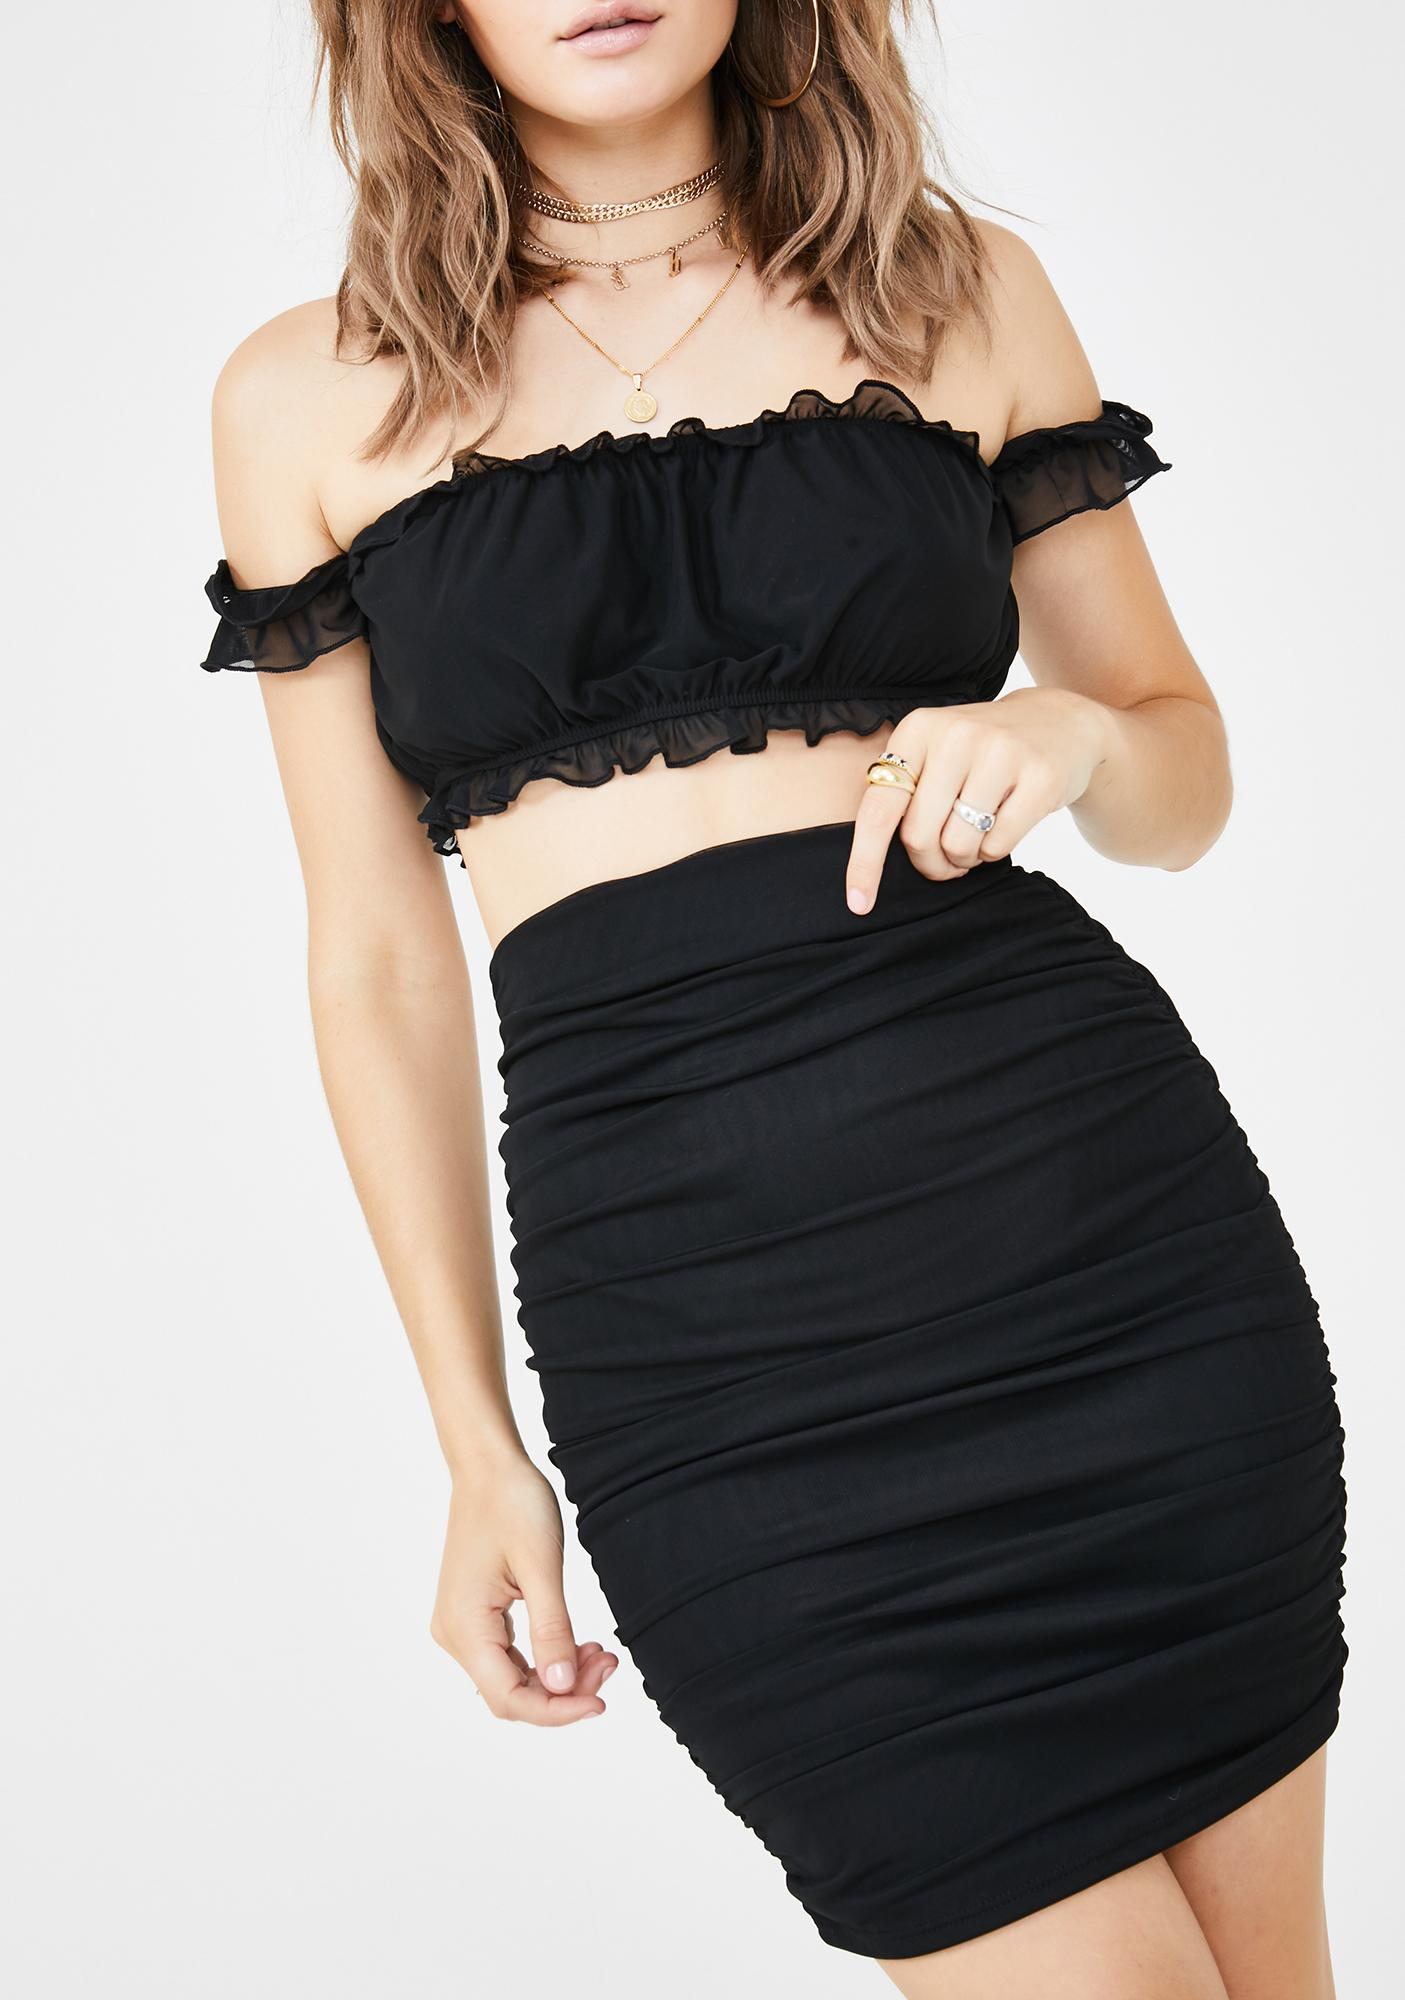 Ruff N' Tumble Skirt Set